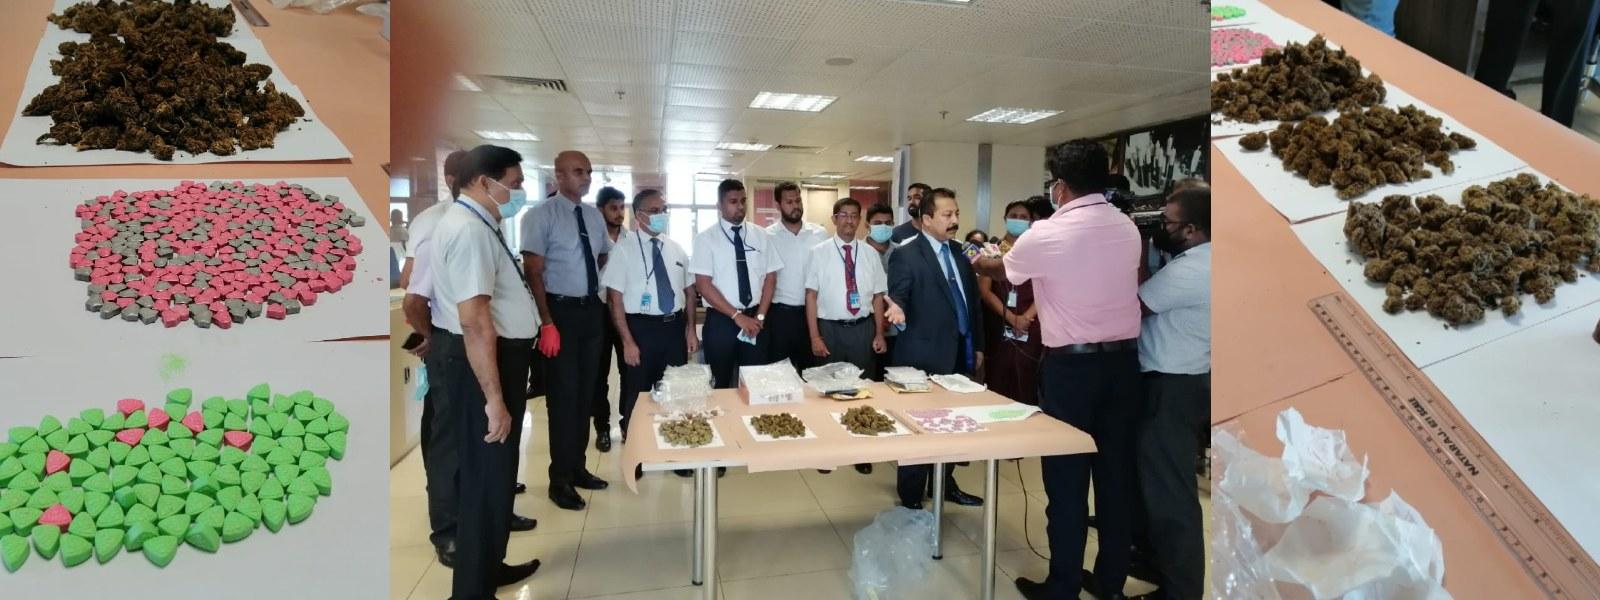 05 drug parcels seized at Central Mail Exchange